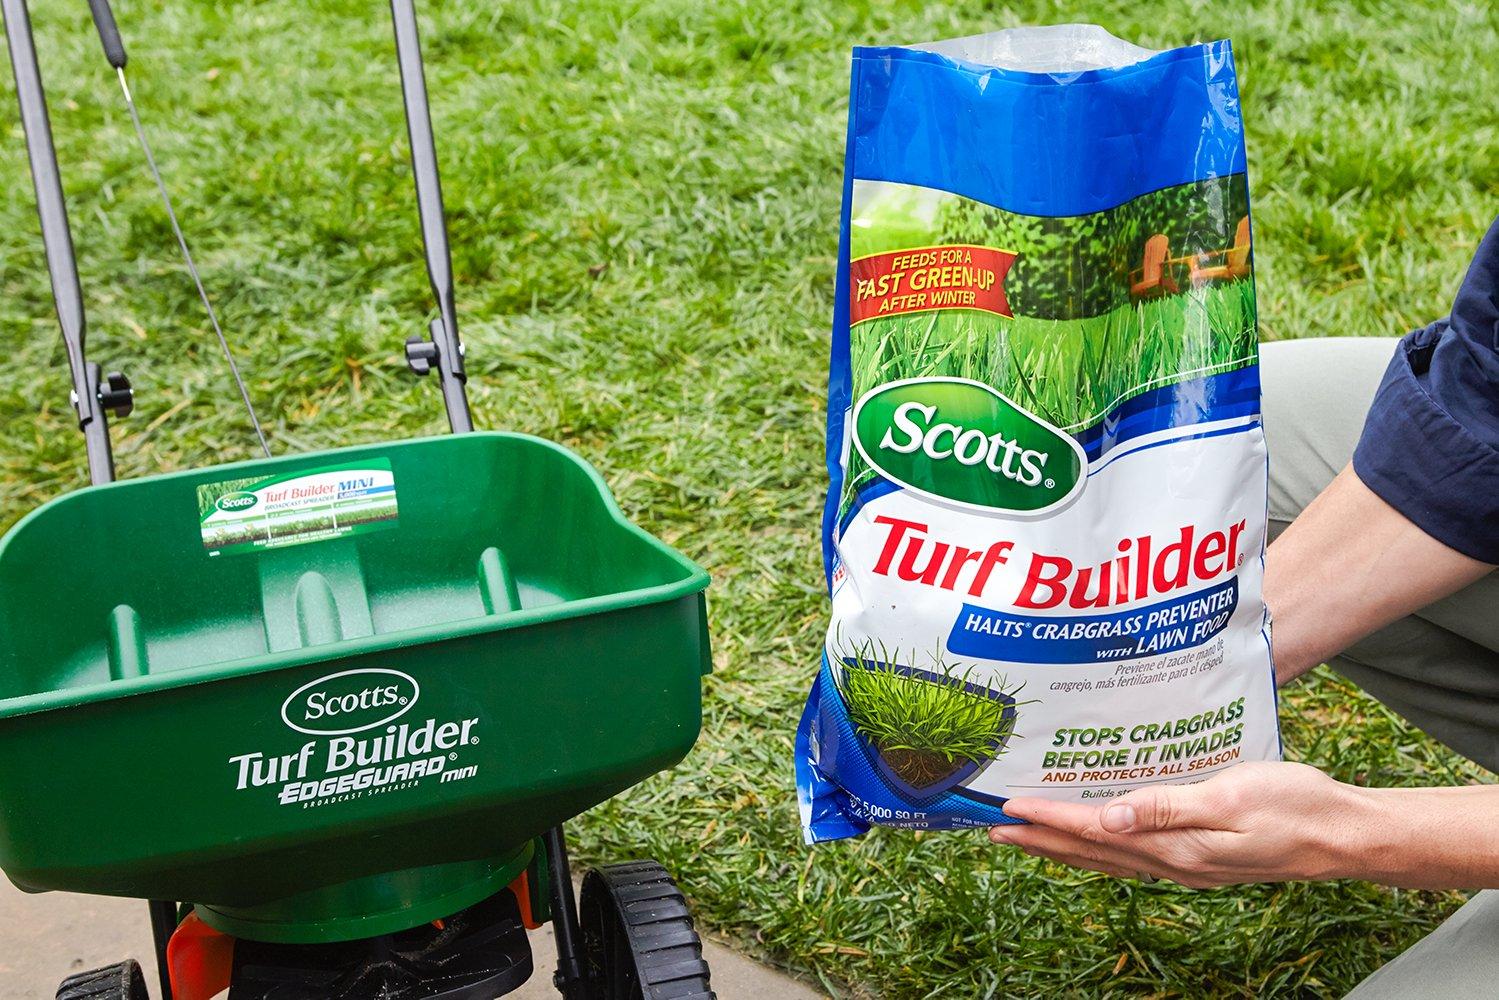 Amazon.com : Scotts Halts Crabgrass Preventer + Wizz Hand-Held Spreader : Garden & Outdoor